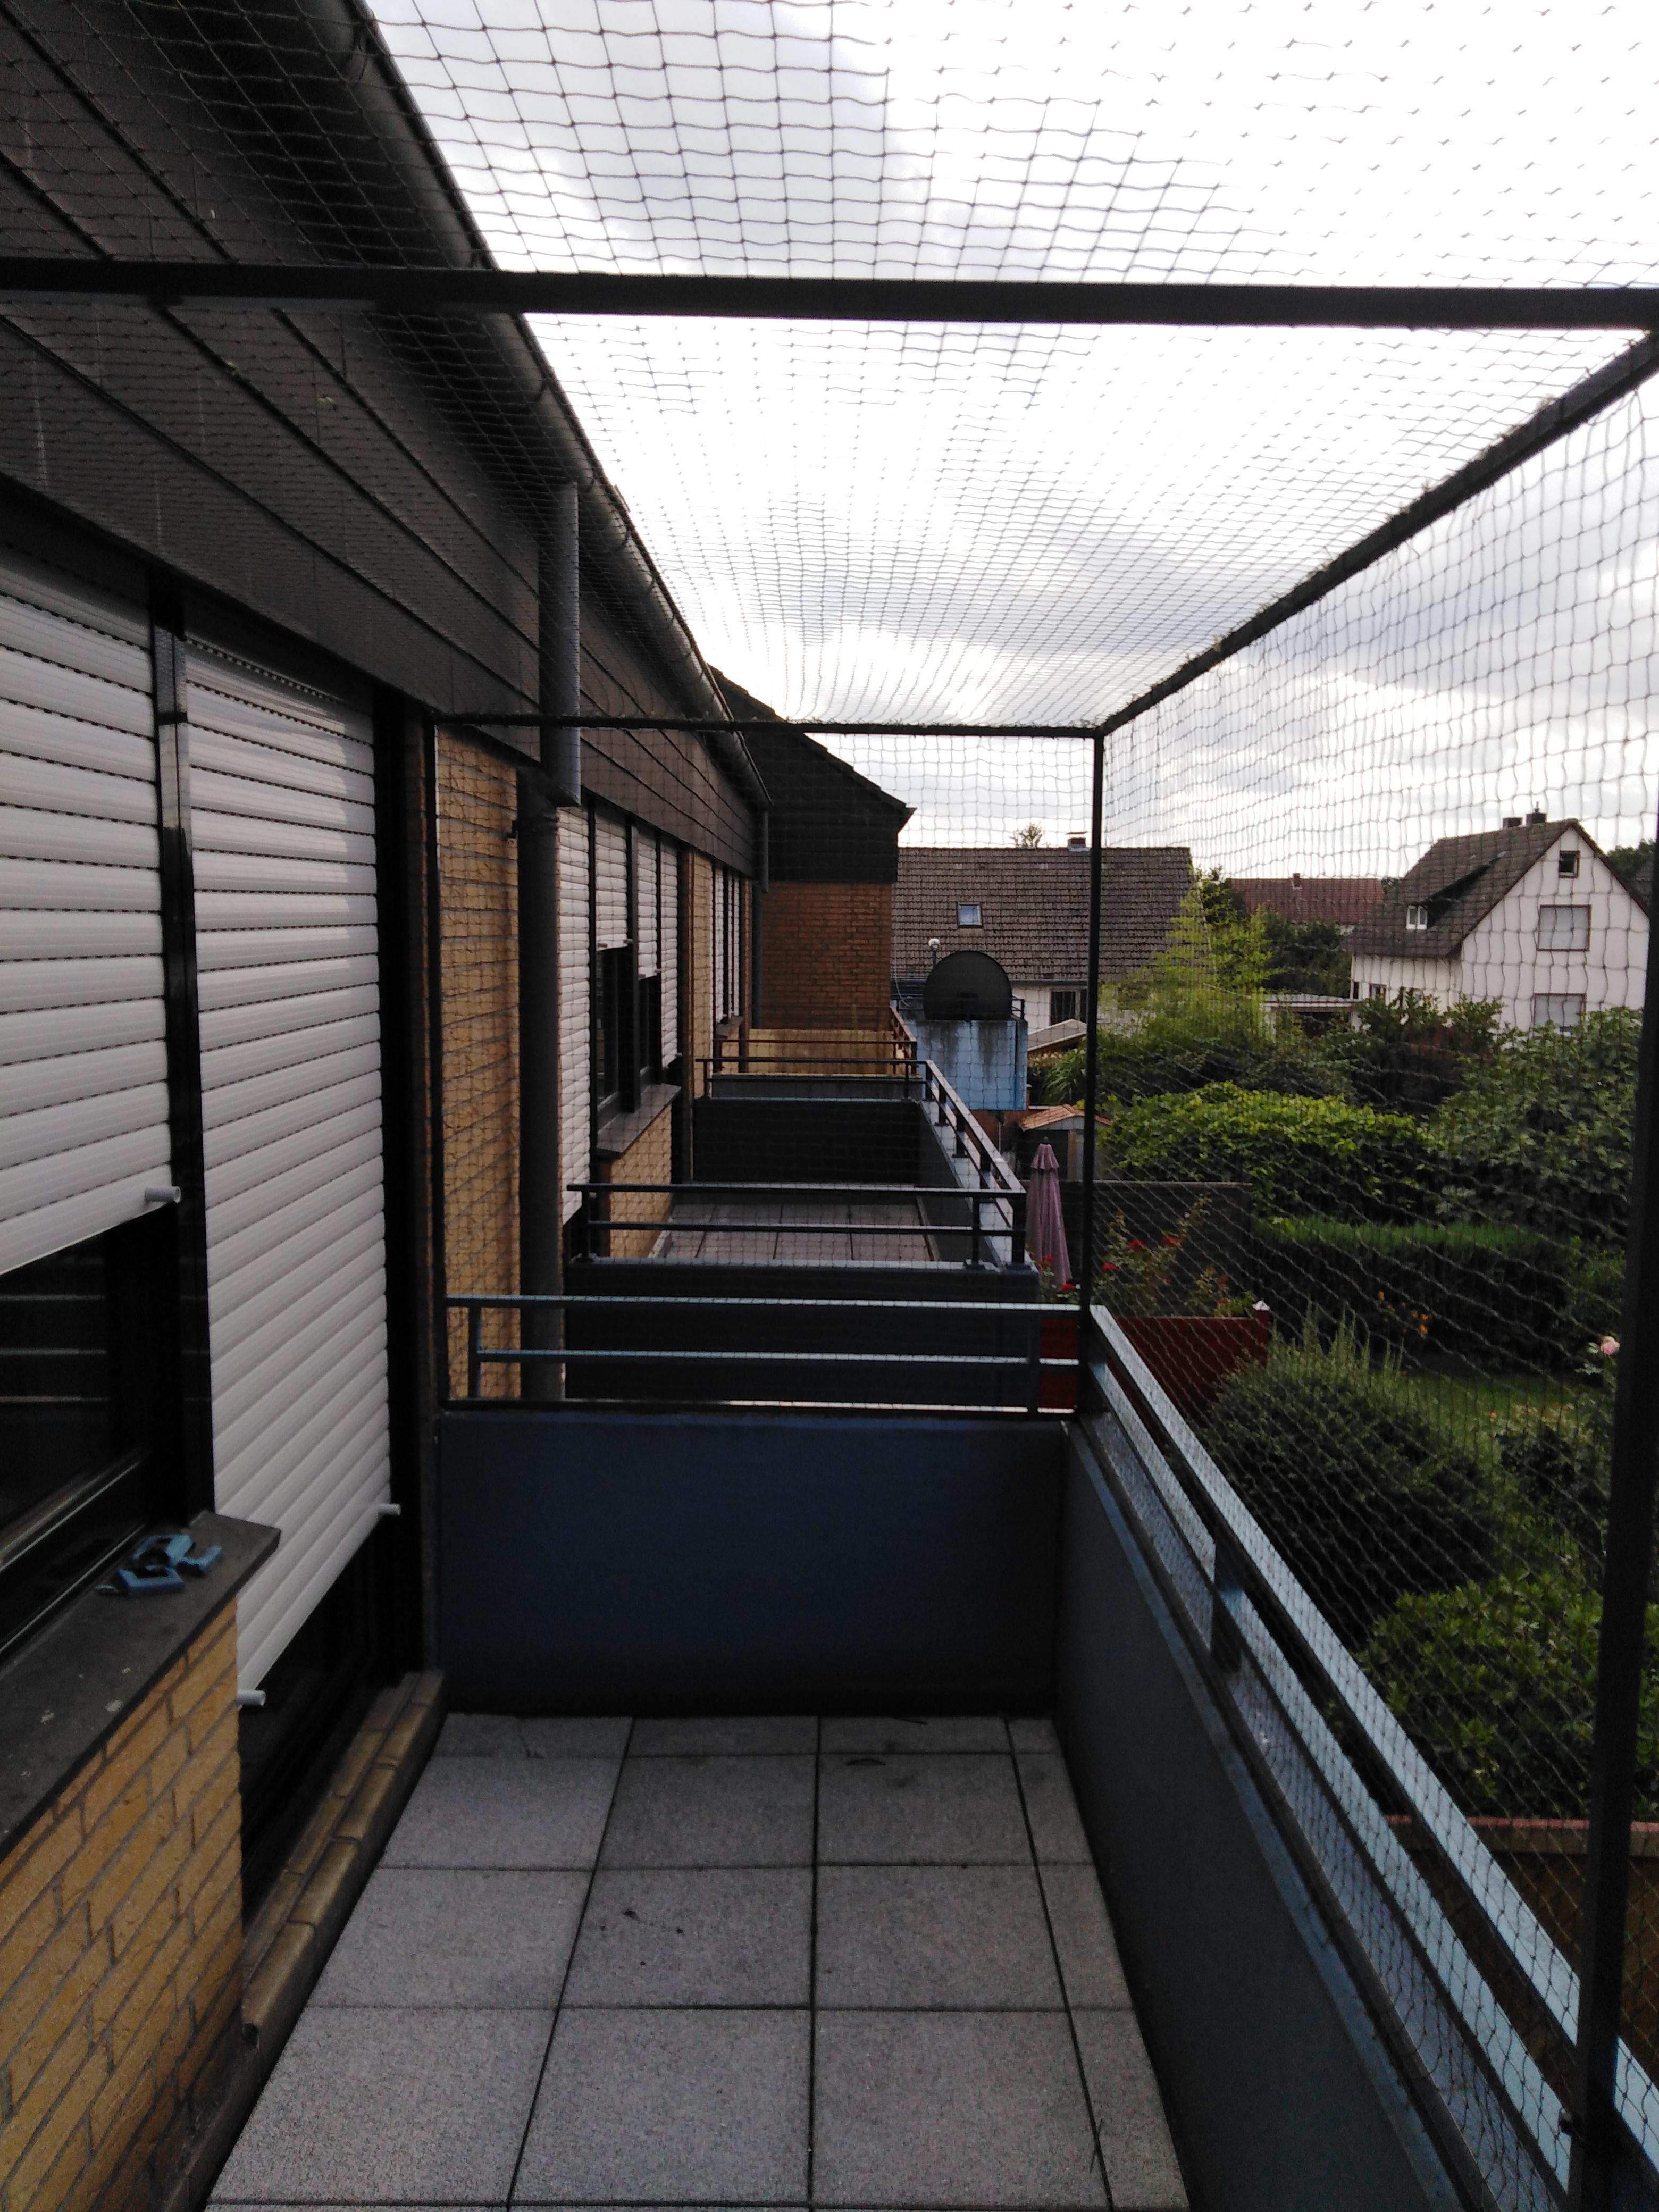 katzennetze f r garten terassen balkone katzennetze nrw der katzennetz profi. Black Bedroom Furniture Sets. Home Design Ideas